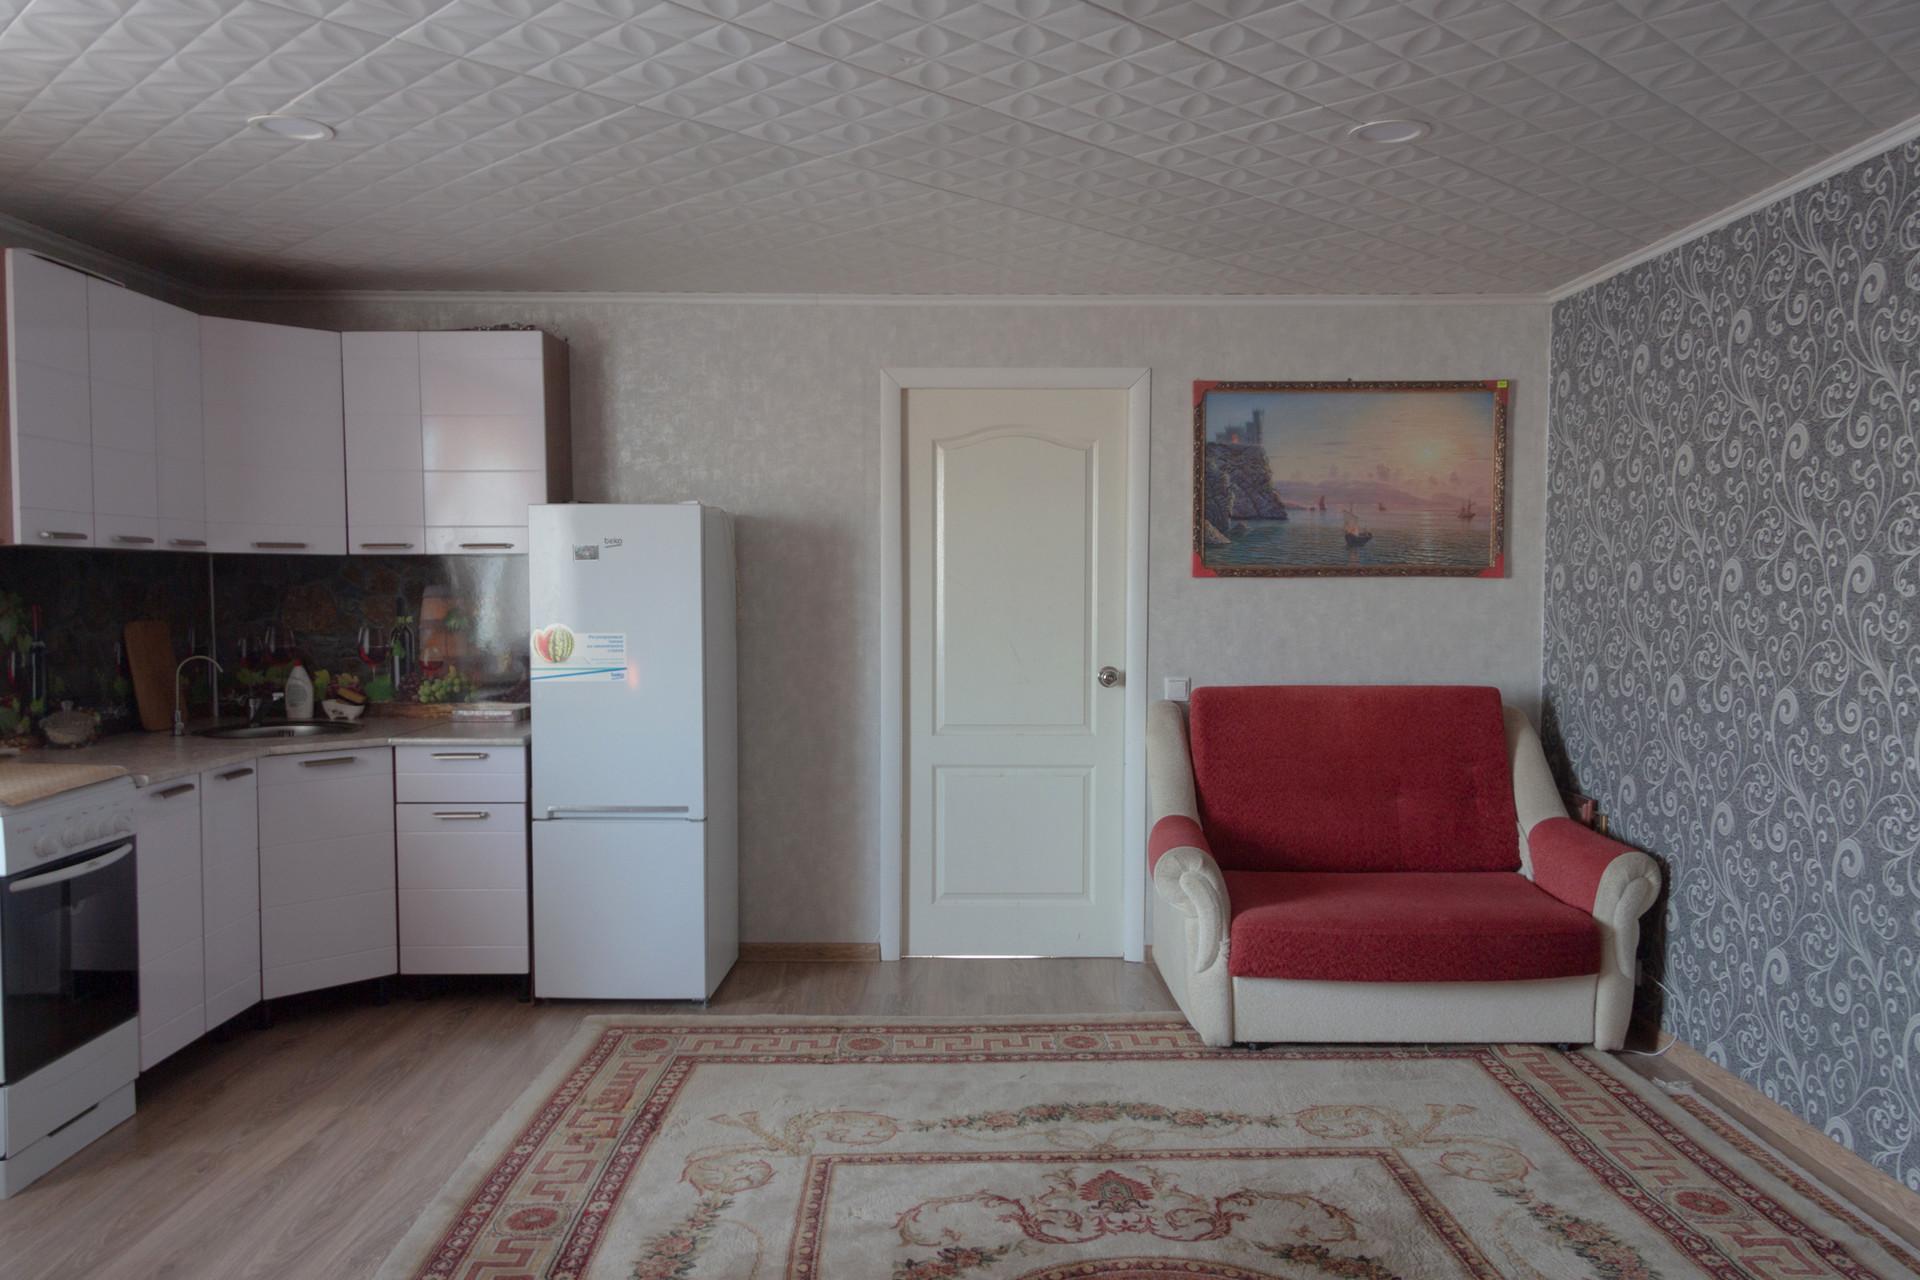 3階建てのガレージのキッチン